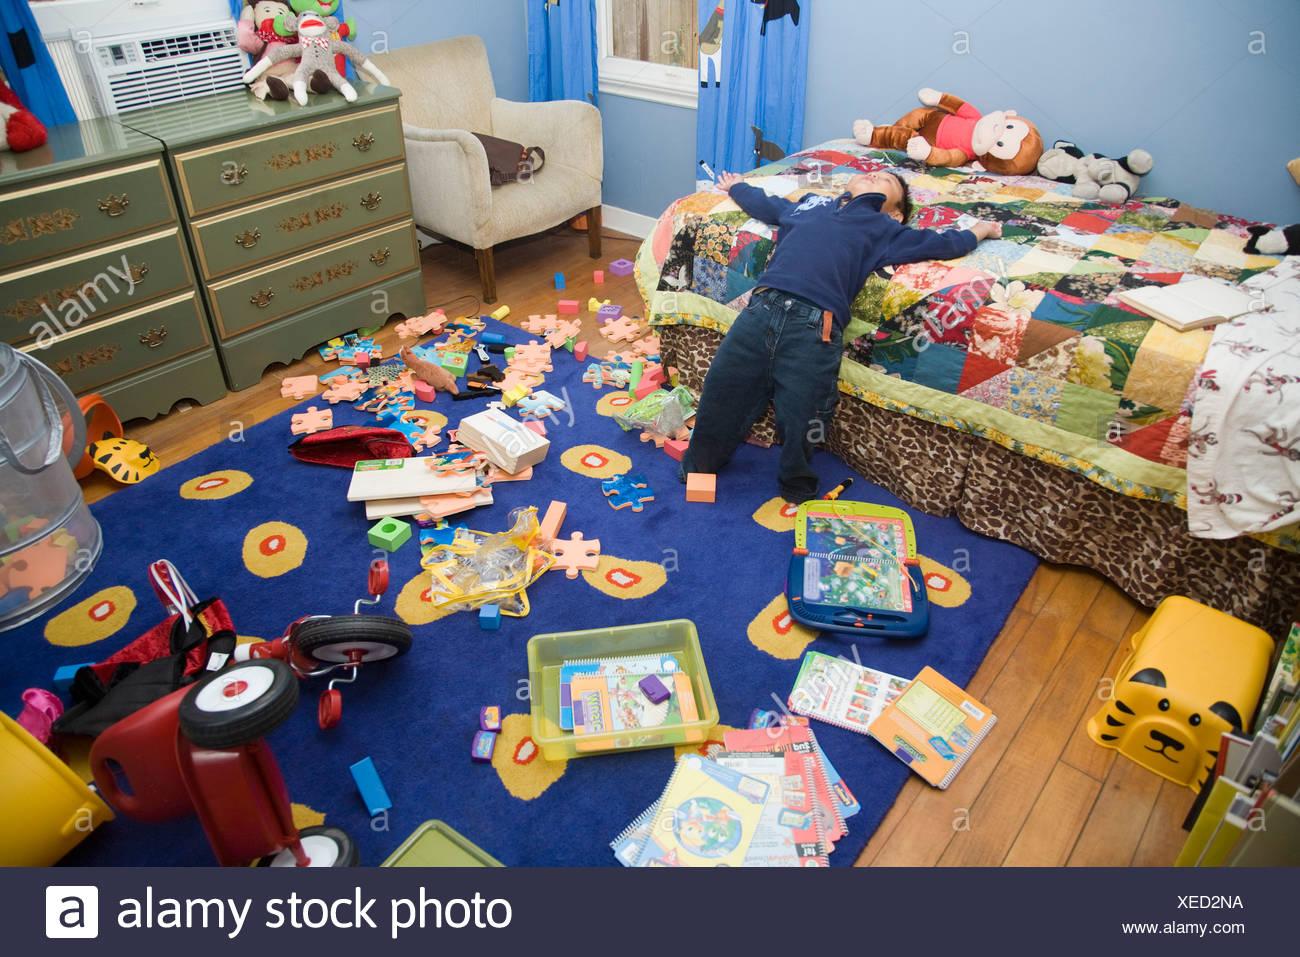 Asiatische junge in chaotisch Schlafzimmer Stockbild